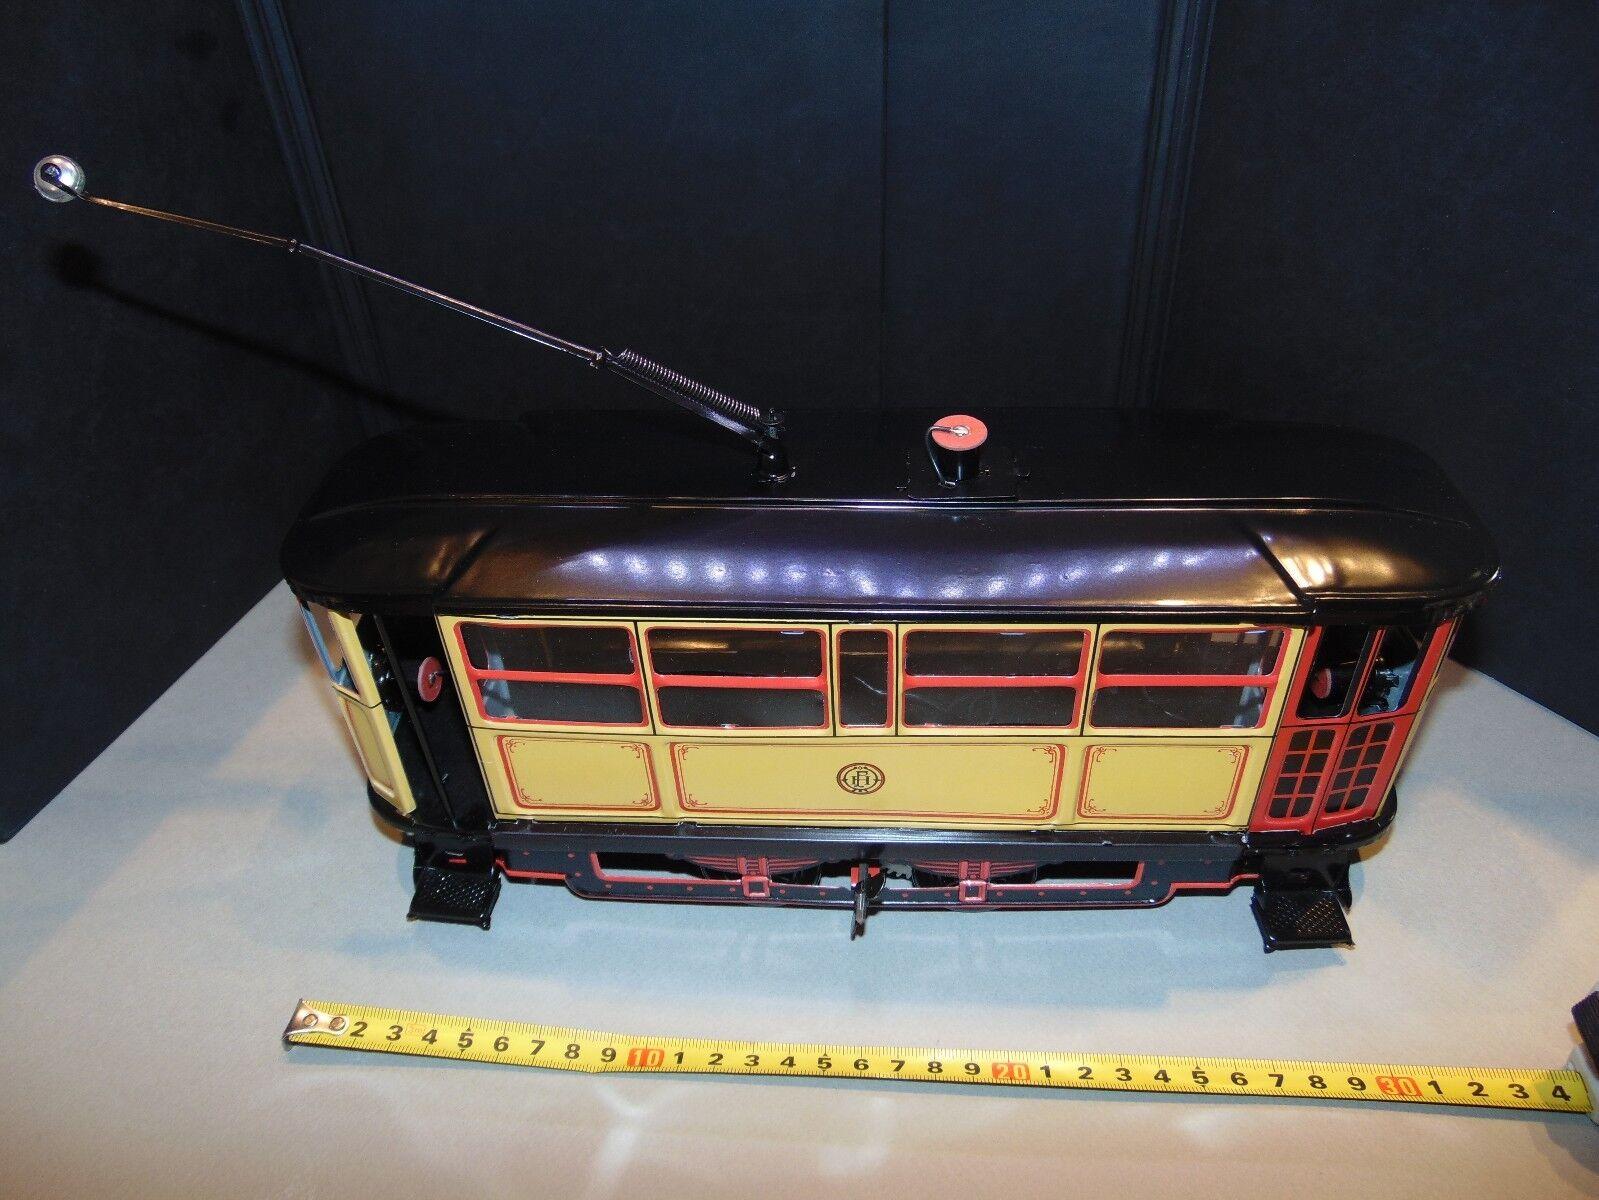 Vintage 1923 tranvía litografía de estaño de juguete 1993 Reproducción Paya   849 Raro a gran escala